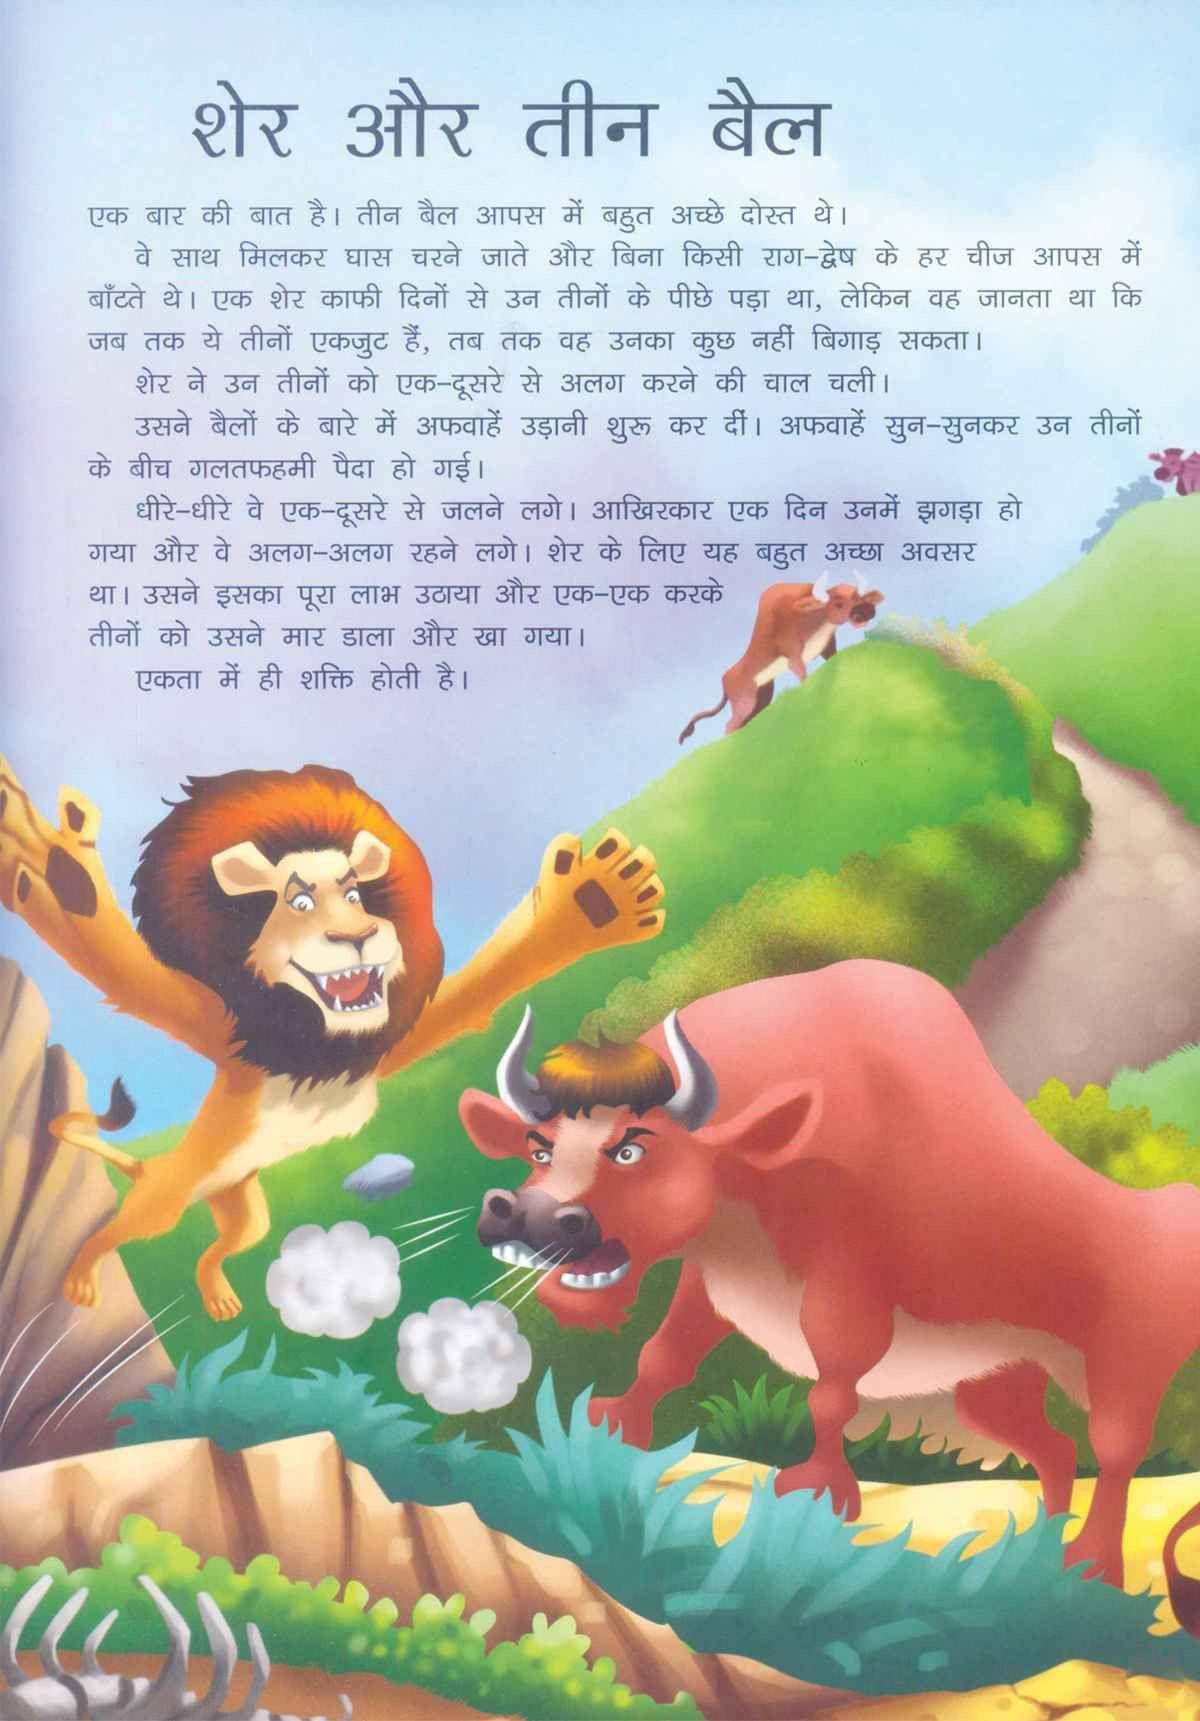 Pin by Purushothamganta on fables | Small moral stories